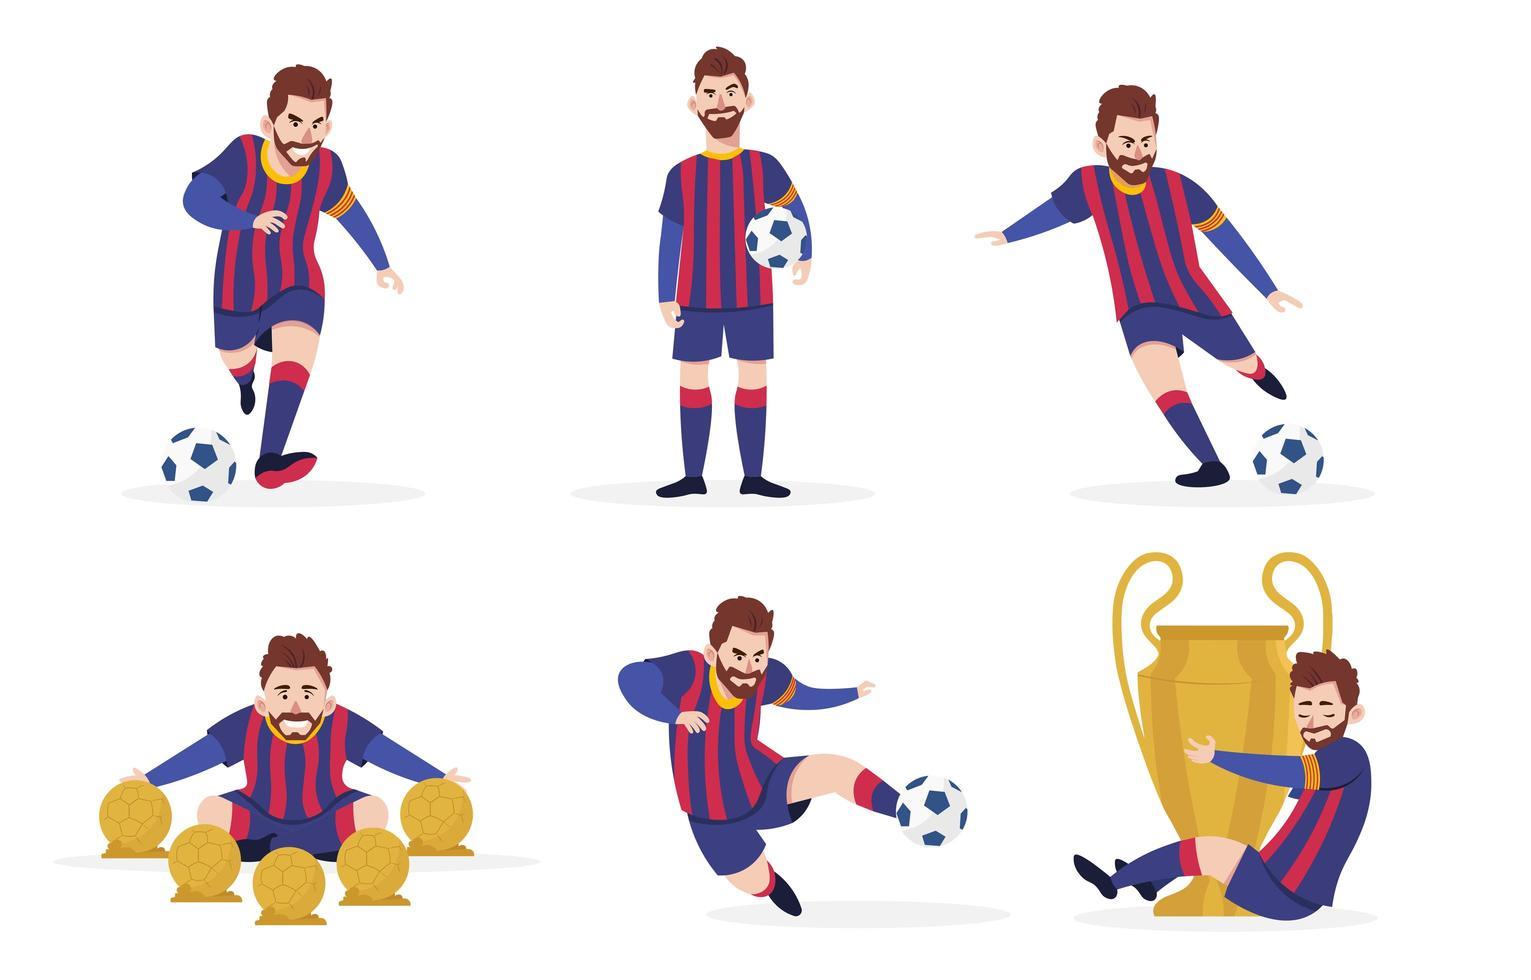 Sammlung von Fußballspielercharakteren vektor